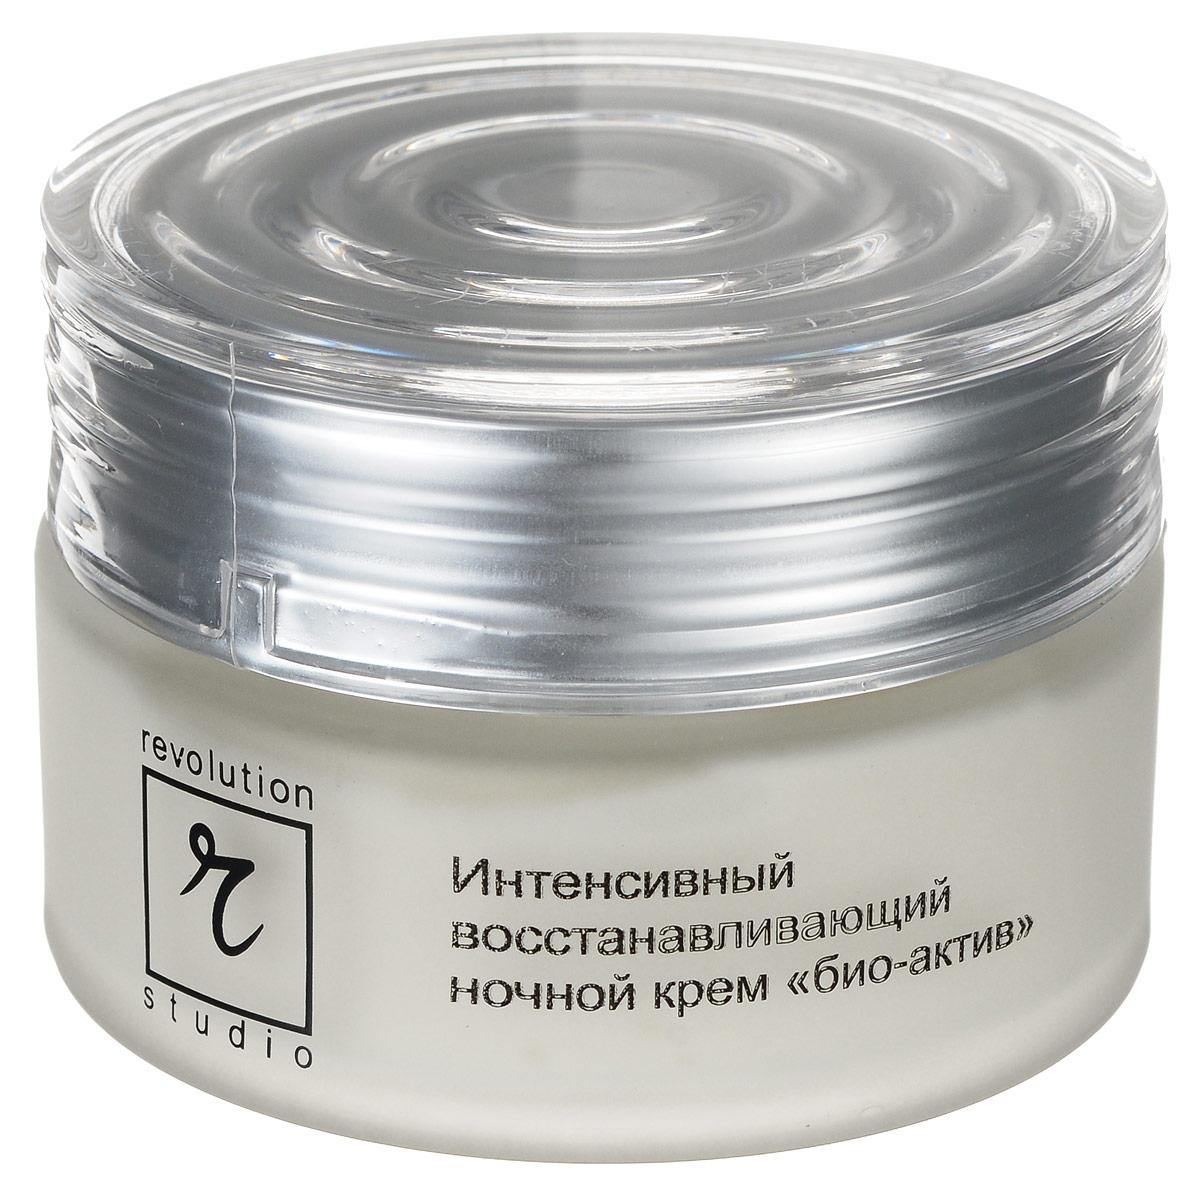 R-Studio Ночной крем био-актив 50 мл11070273100Тип кожи: для возрастной кожи. Ночной крем био-актив стимулирует процессы регенерации и обновления кожи, действует как биостимулятор, активизируя собственные влагоудерживающие и защитные функции кожи, укрепляет и питает кожу, замедляет процессы старения. Активные компоненты: «Гиаплан» (плацента тонкоочищенная), масла: оливковое, персиковое, какао; экстракты: хмеля, душицы, валерианы; витамин Е.